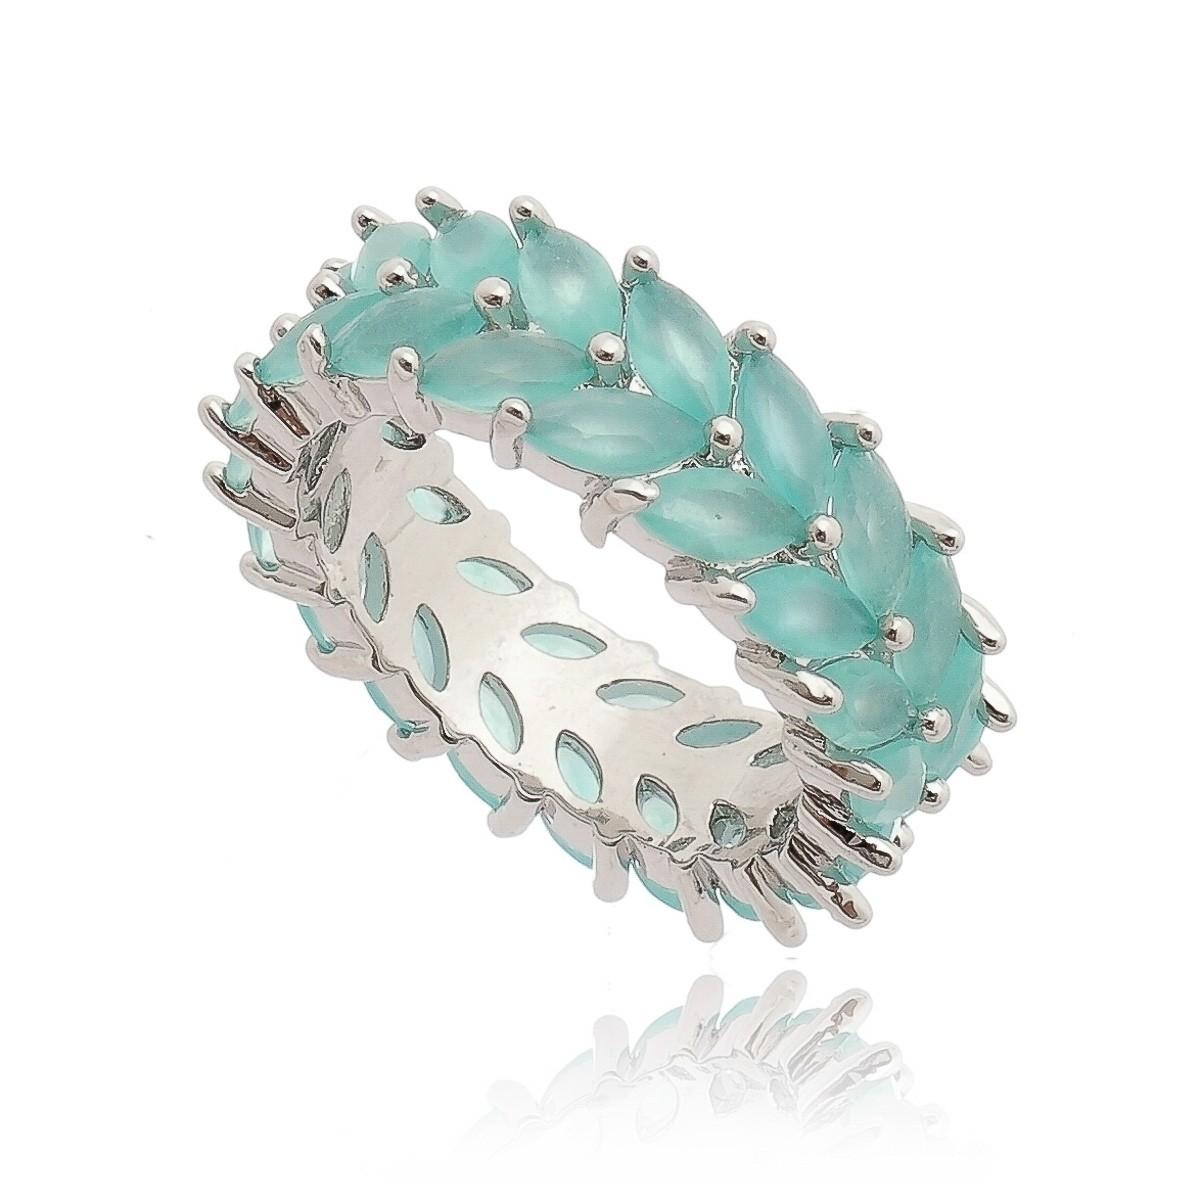 Anel Luxuoso Azul Claro Semijoia da Moda em Ródio Branco  - Soloyou